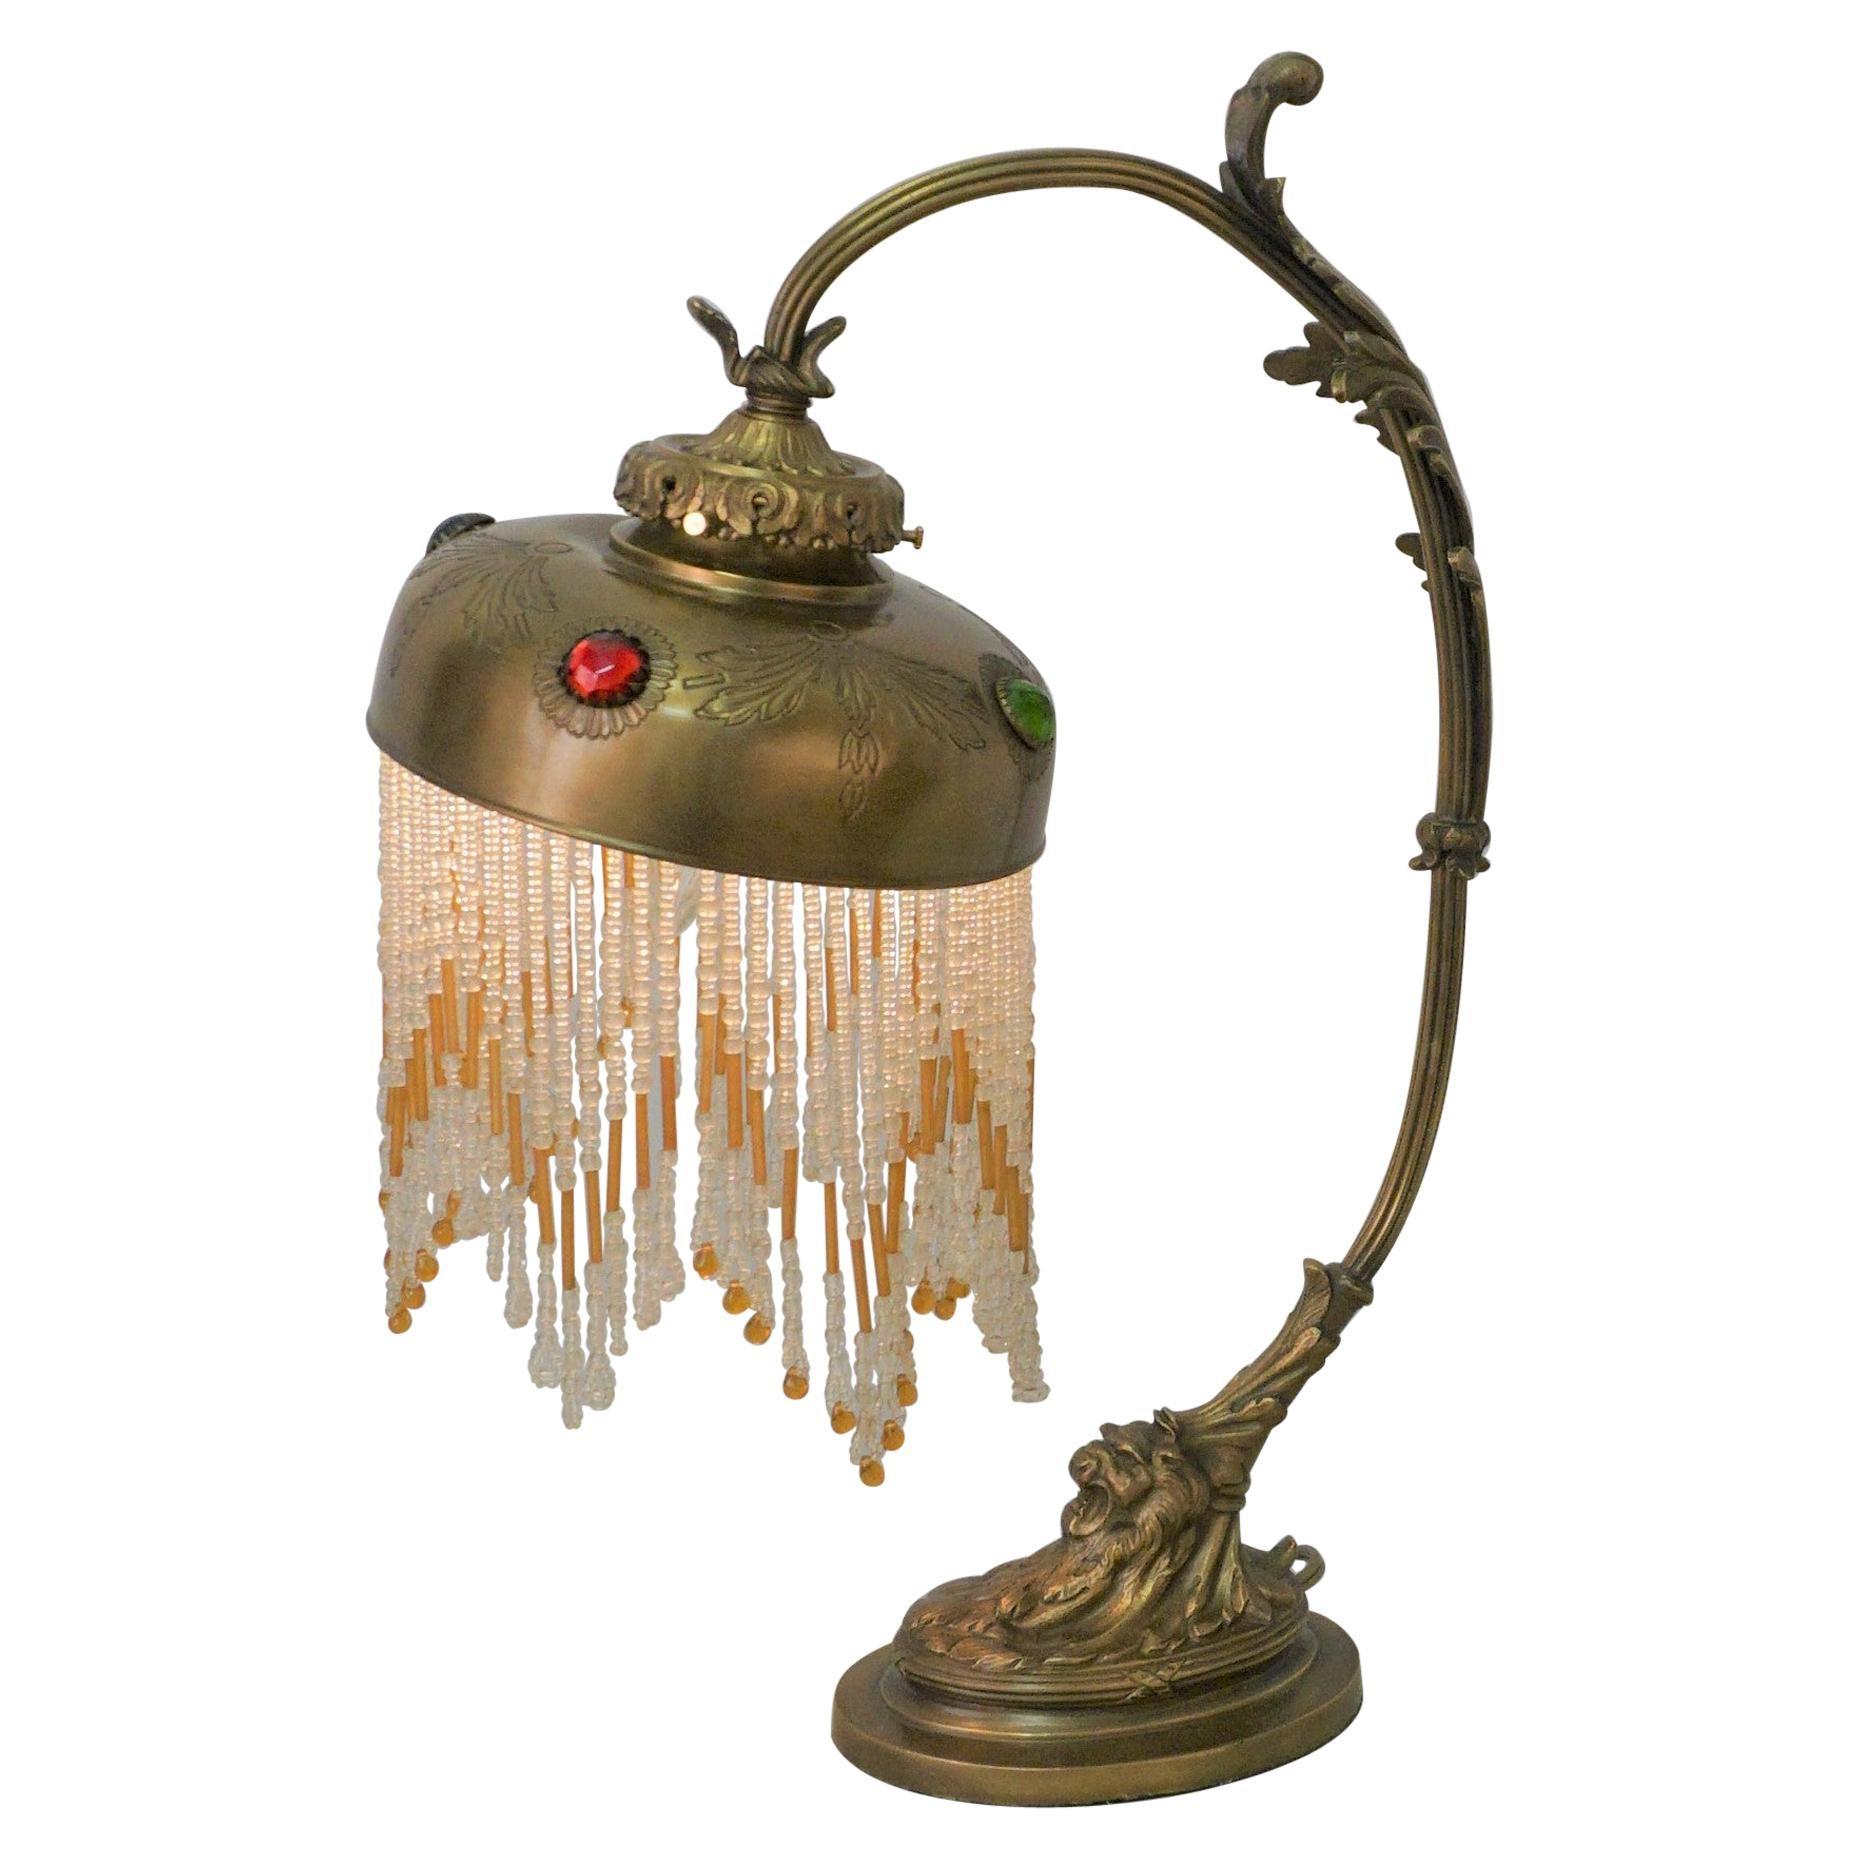 French Bronze Art Nouveau Table Lamp